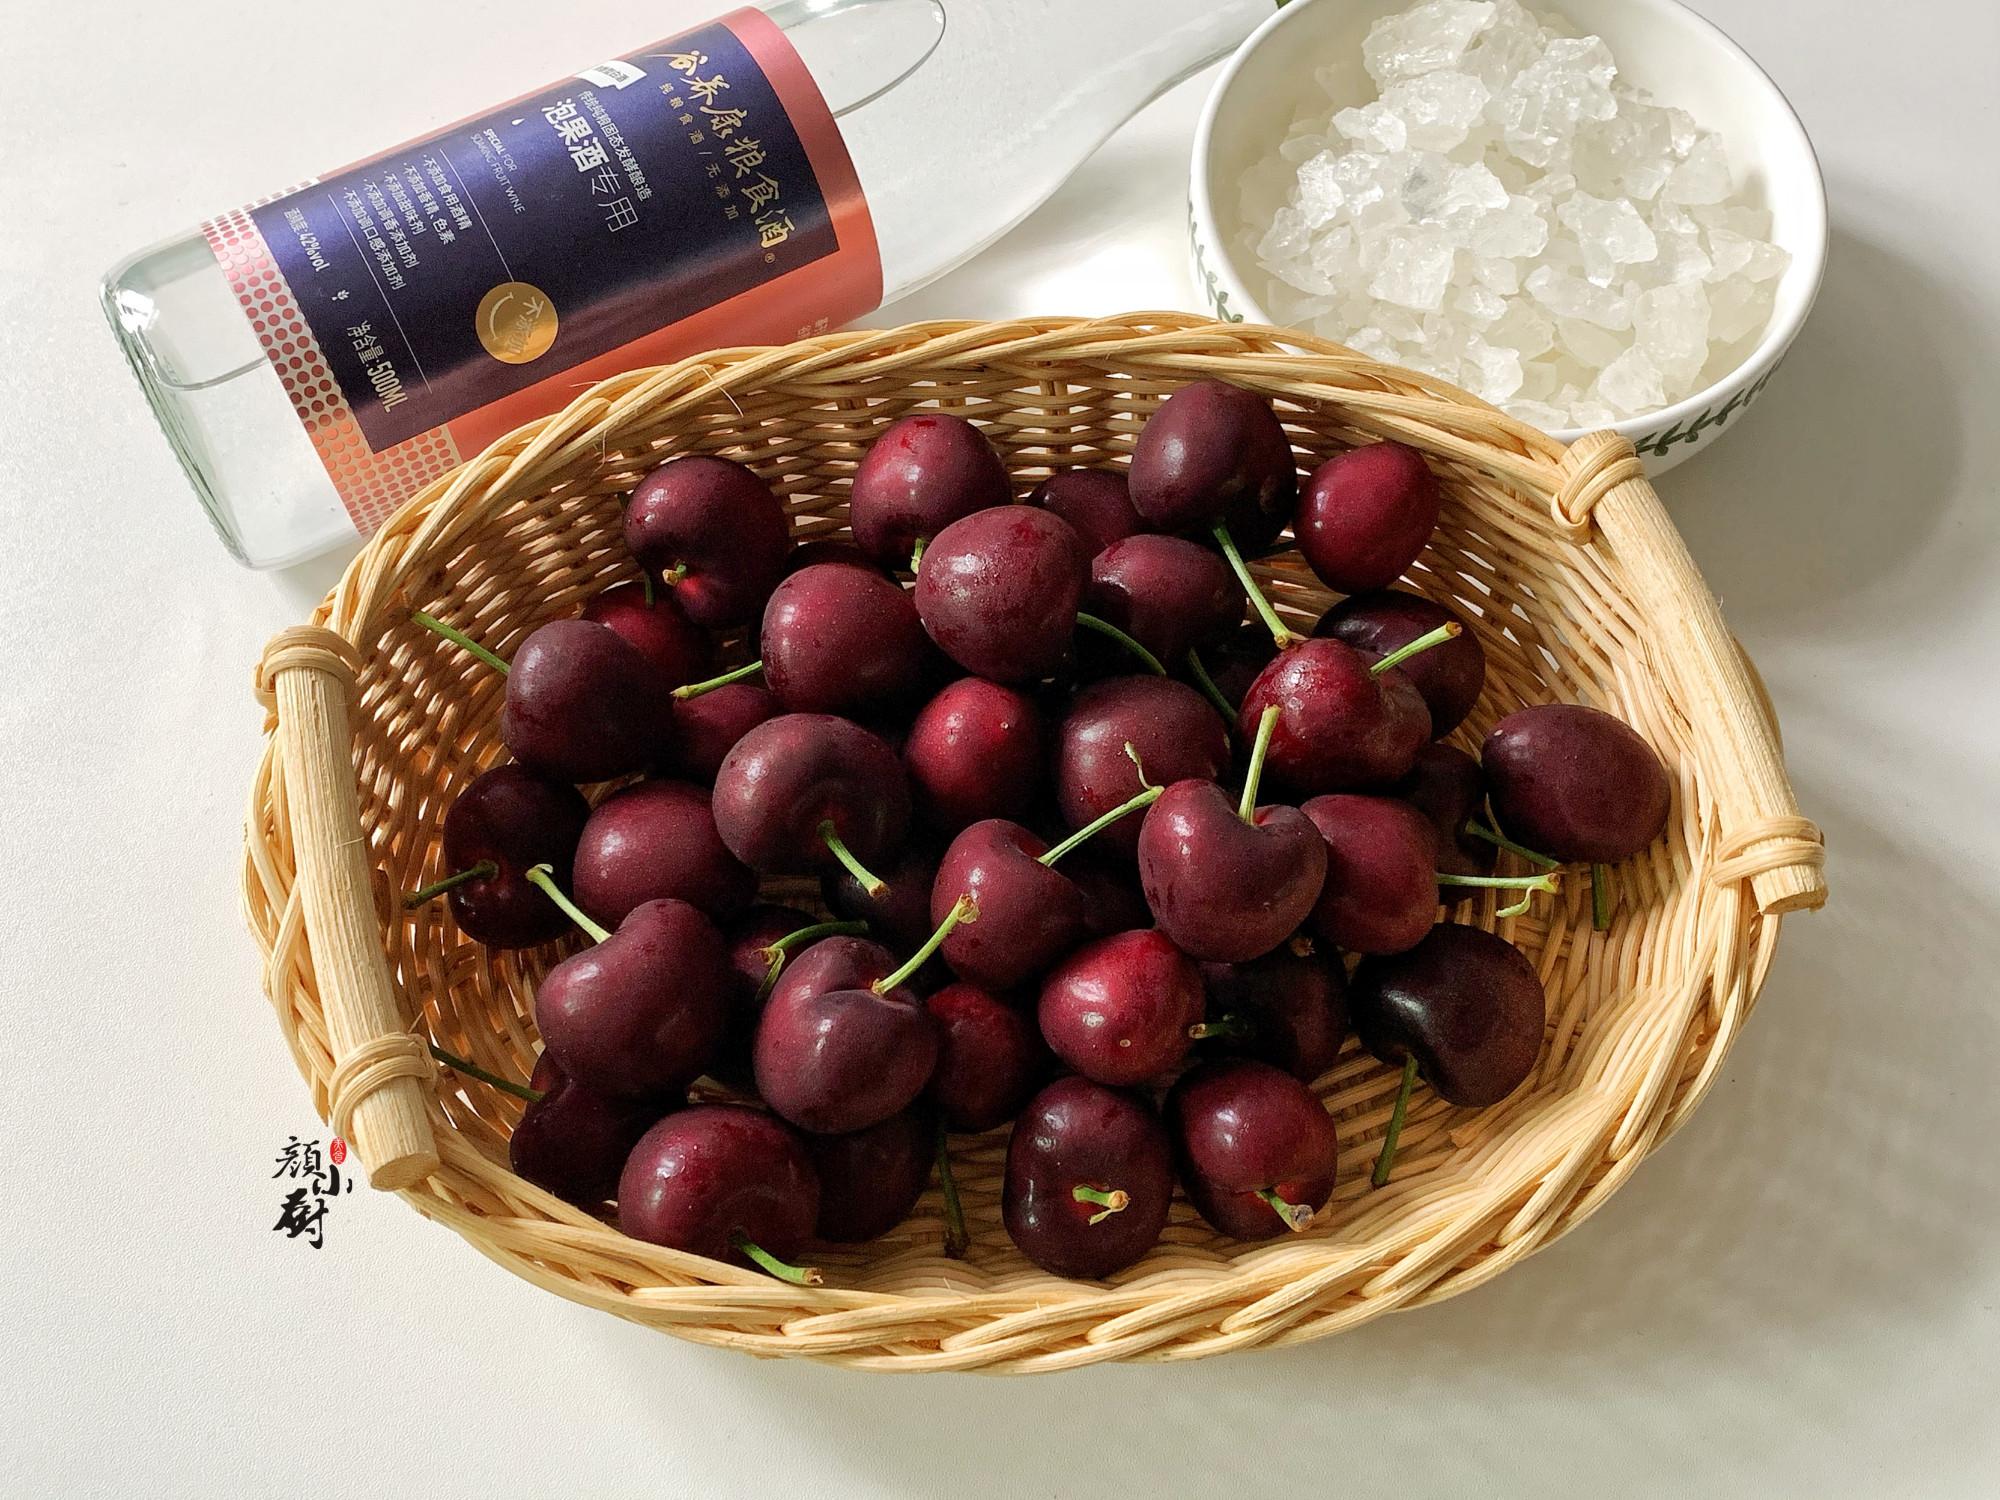 4月,遇到这碱性水果别手软,目前正是上市季,营养极高,别错过 美食做法 第3张